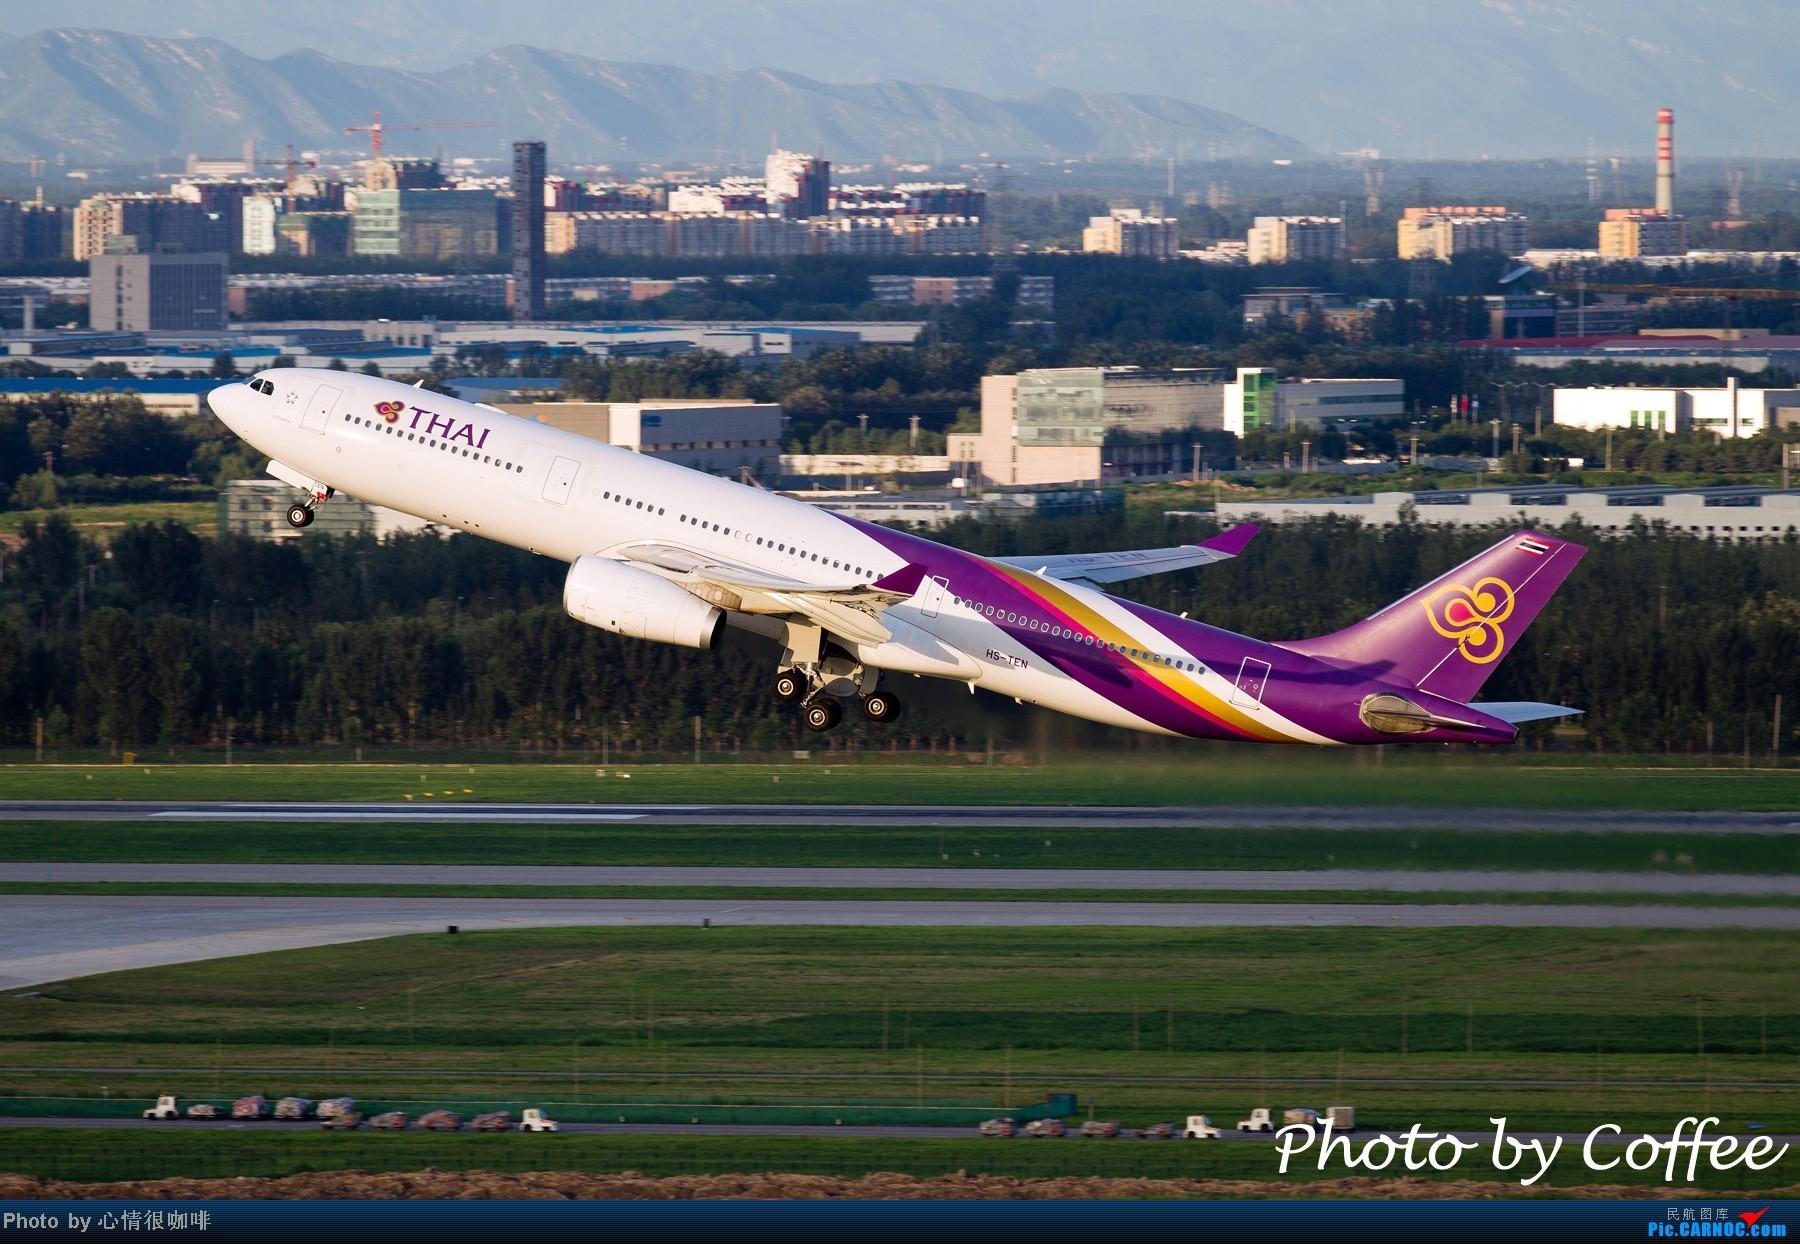 从今天开始,到3月31日,每天一张图,期待我们团队的成果! AIRBUS A330-200 HS-TEN 中国北京首都机场